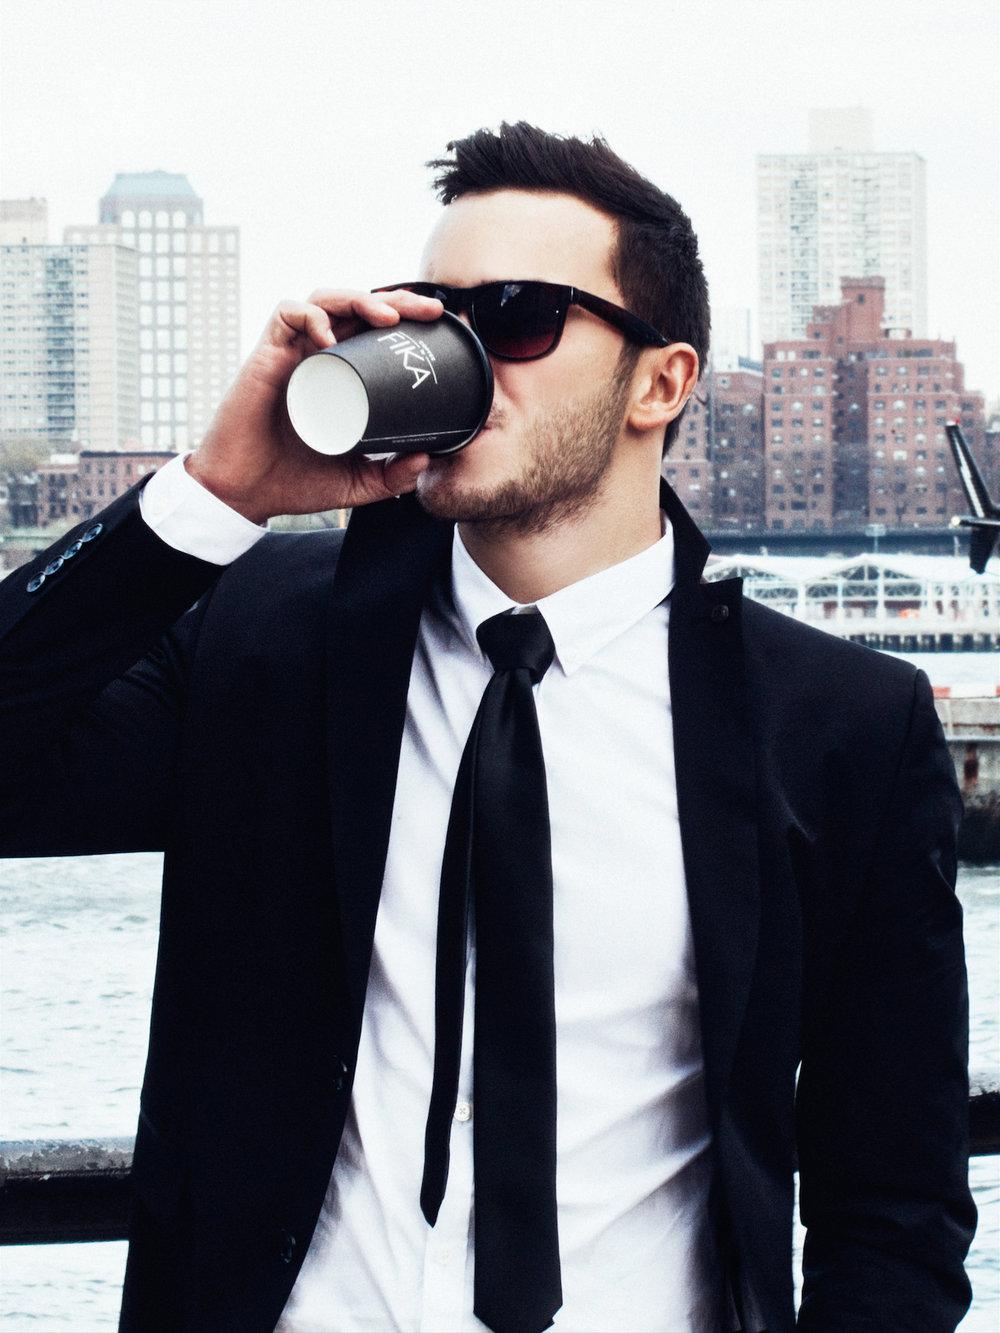 Иван Федин - Ваш лицензированный гид в Нью-ЙоркеОснователь ресурса Newyorkgid.com